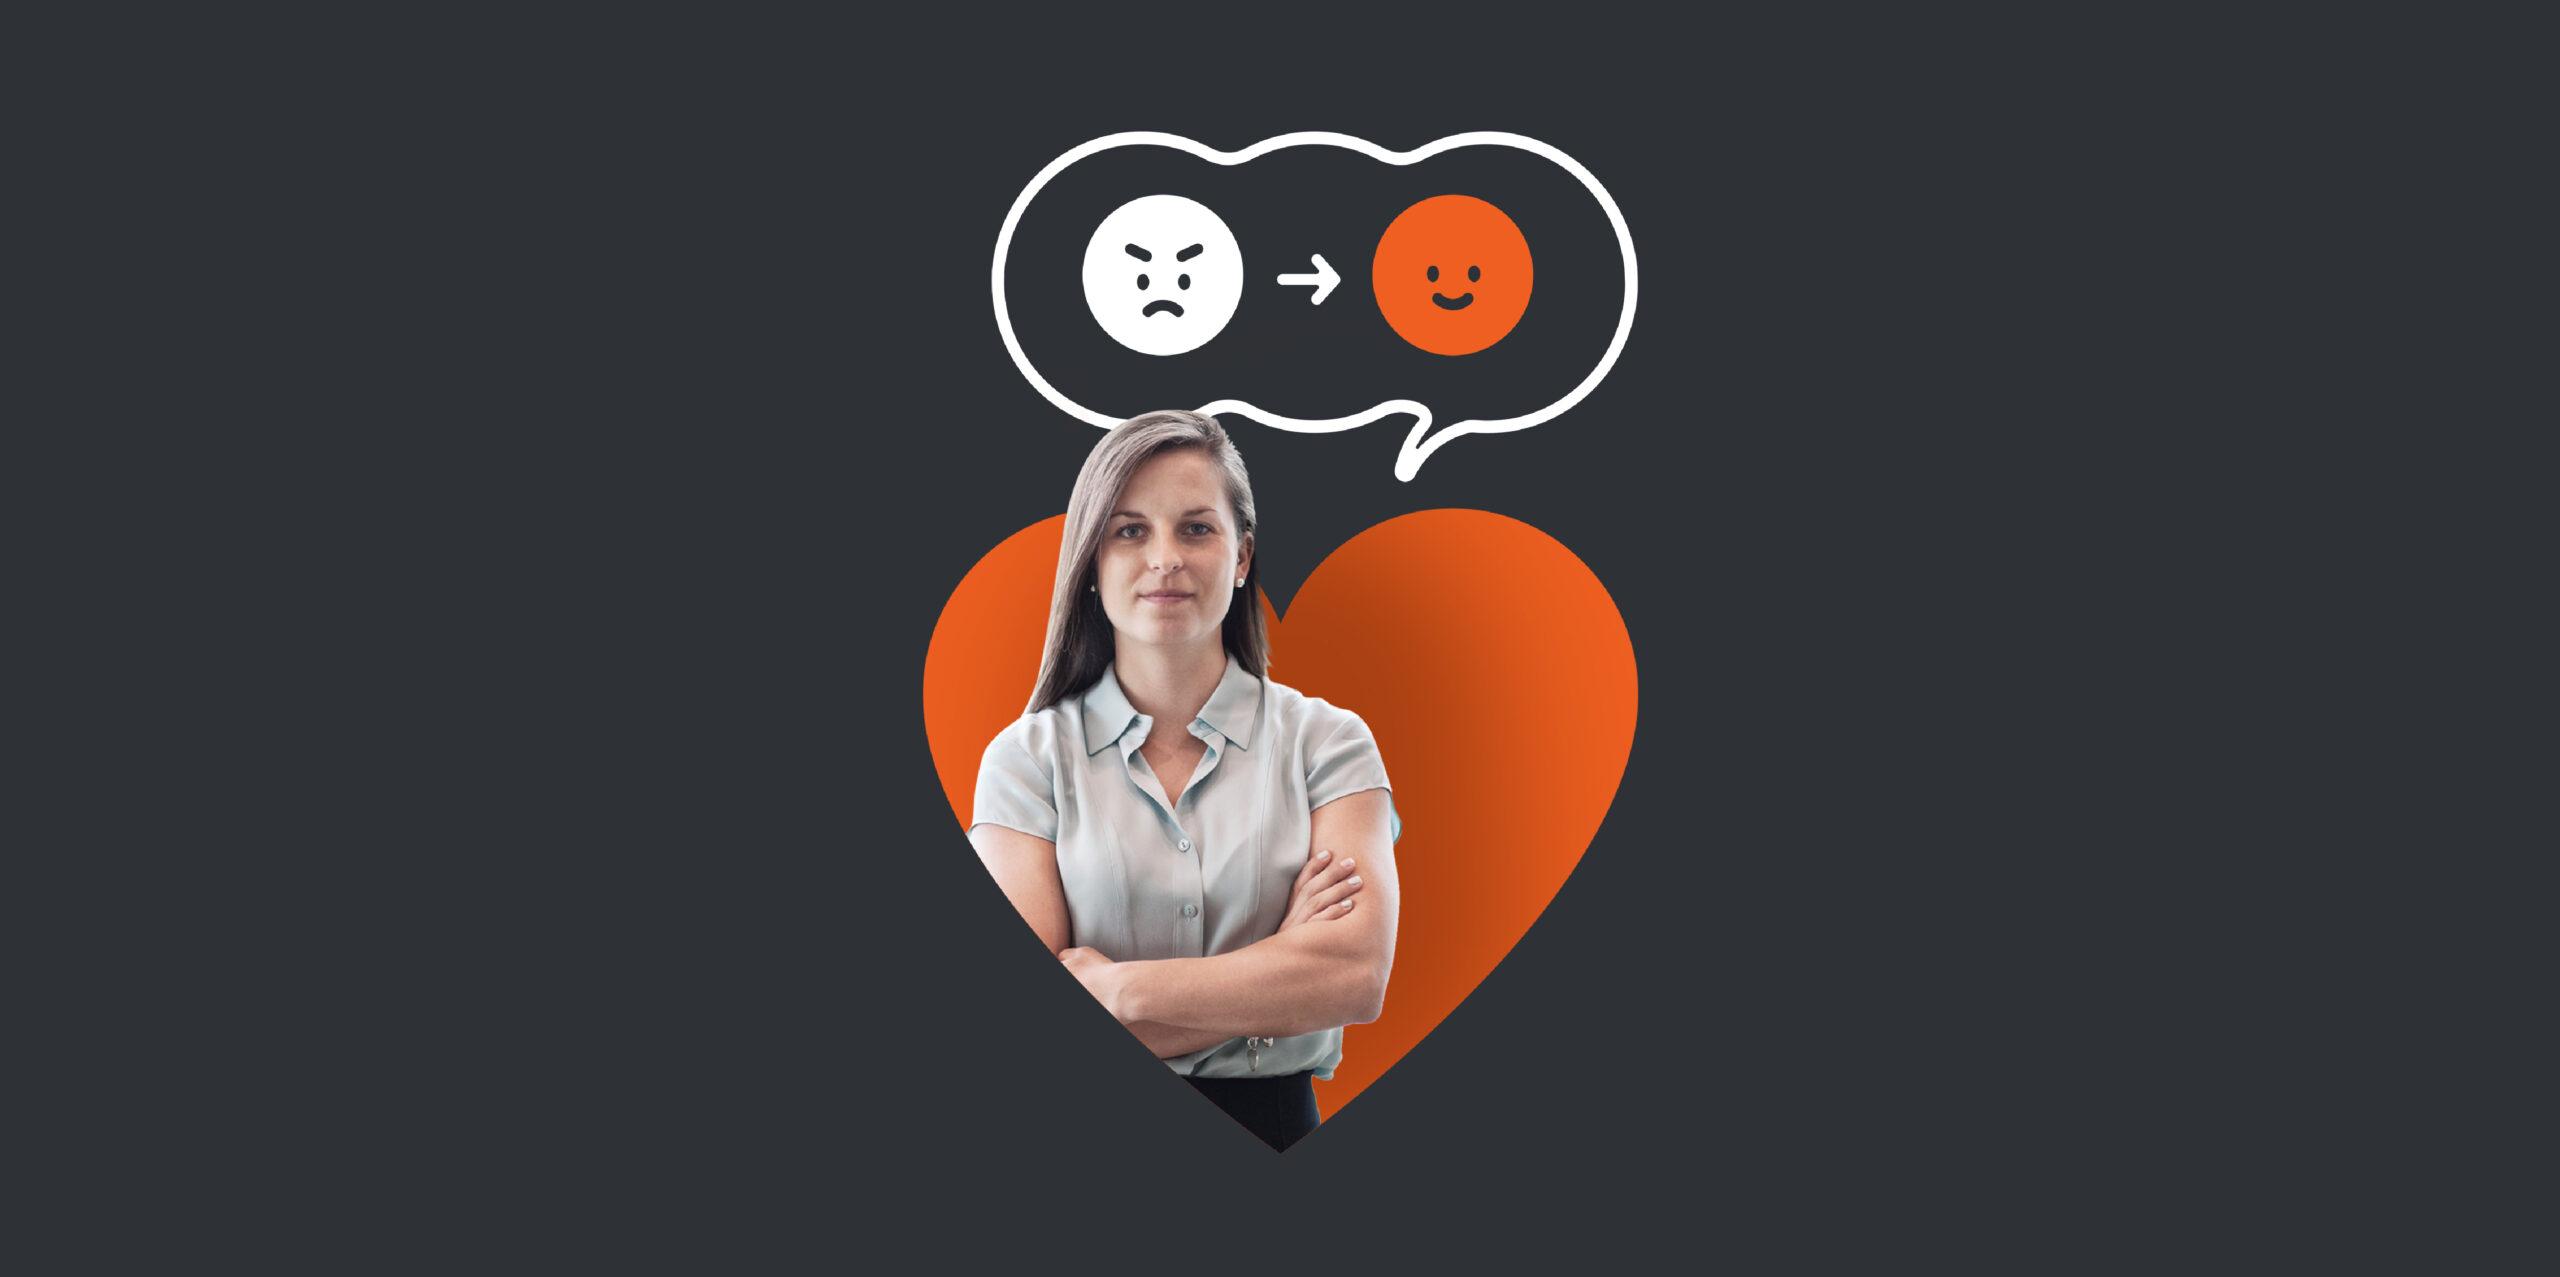 Implementando La Inteligencia Emocional En El Trabajo